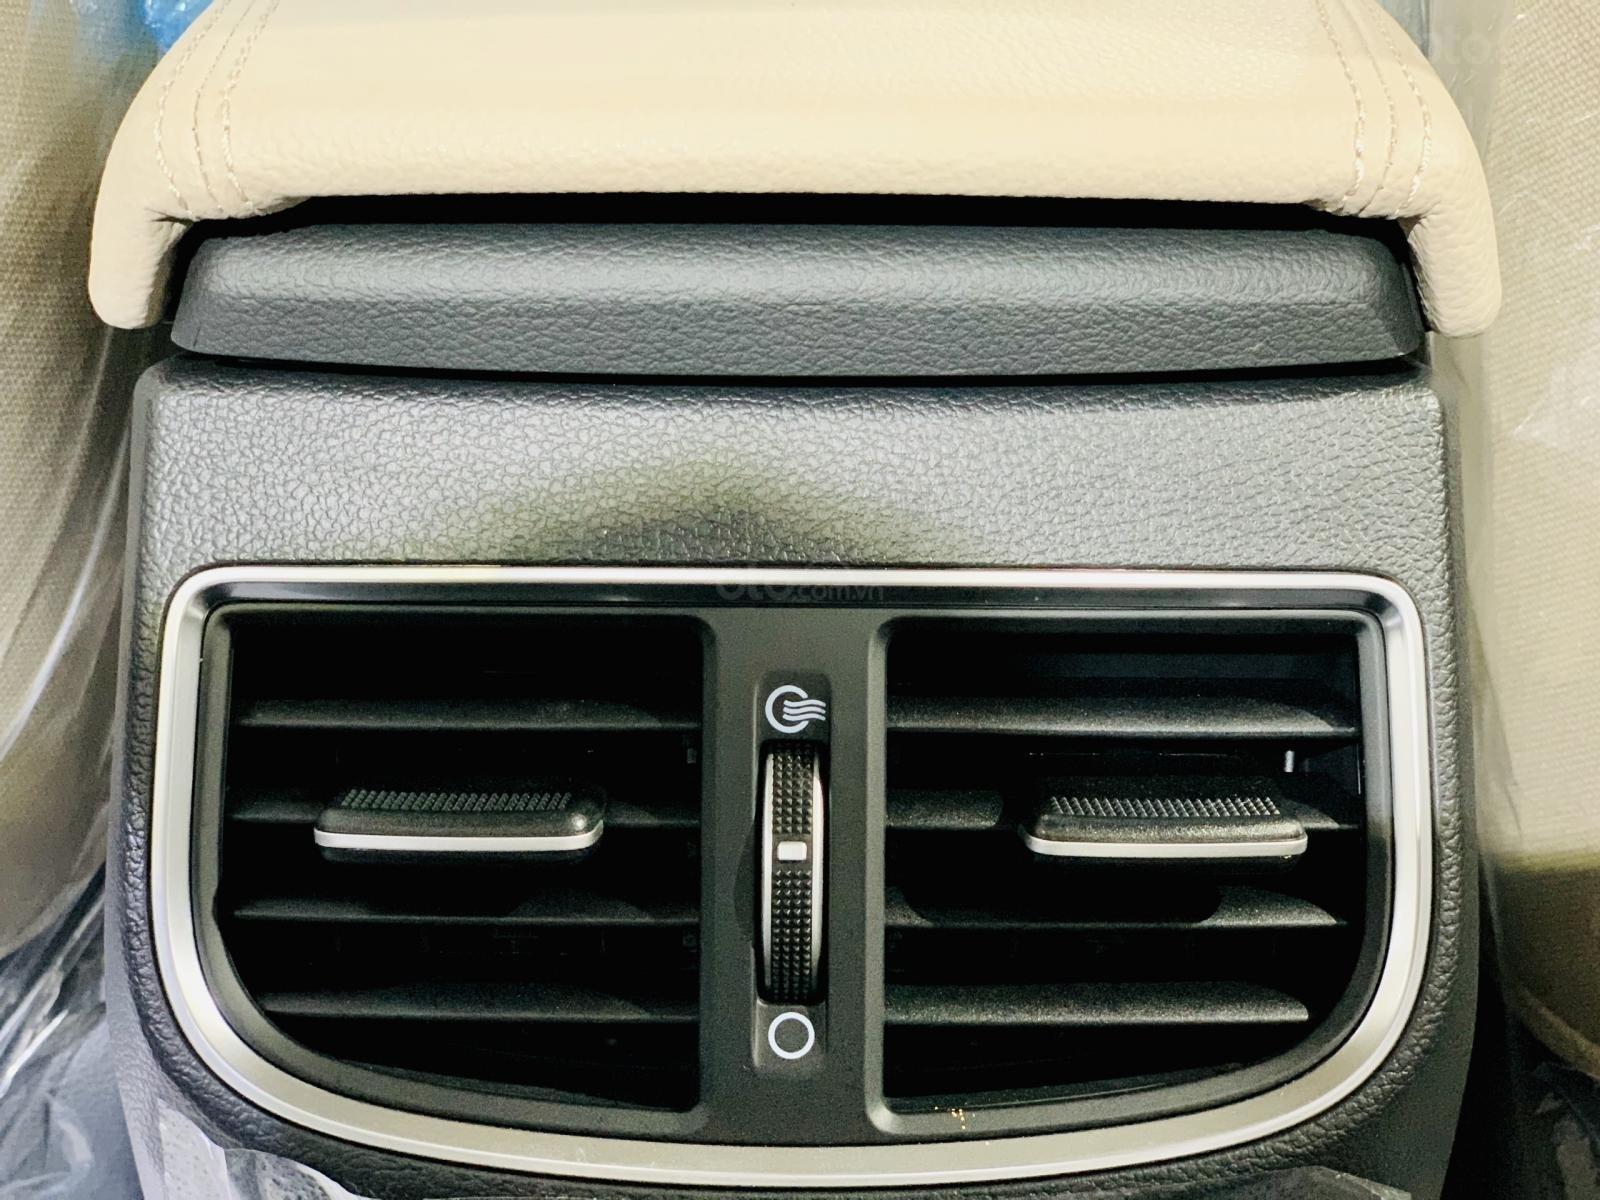 Hyundai Elantra giá bán cạnh tranh, khuyến mãi quà tặng phụ kiện giá trị thật, xe sẵn giao ngay (17)